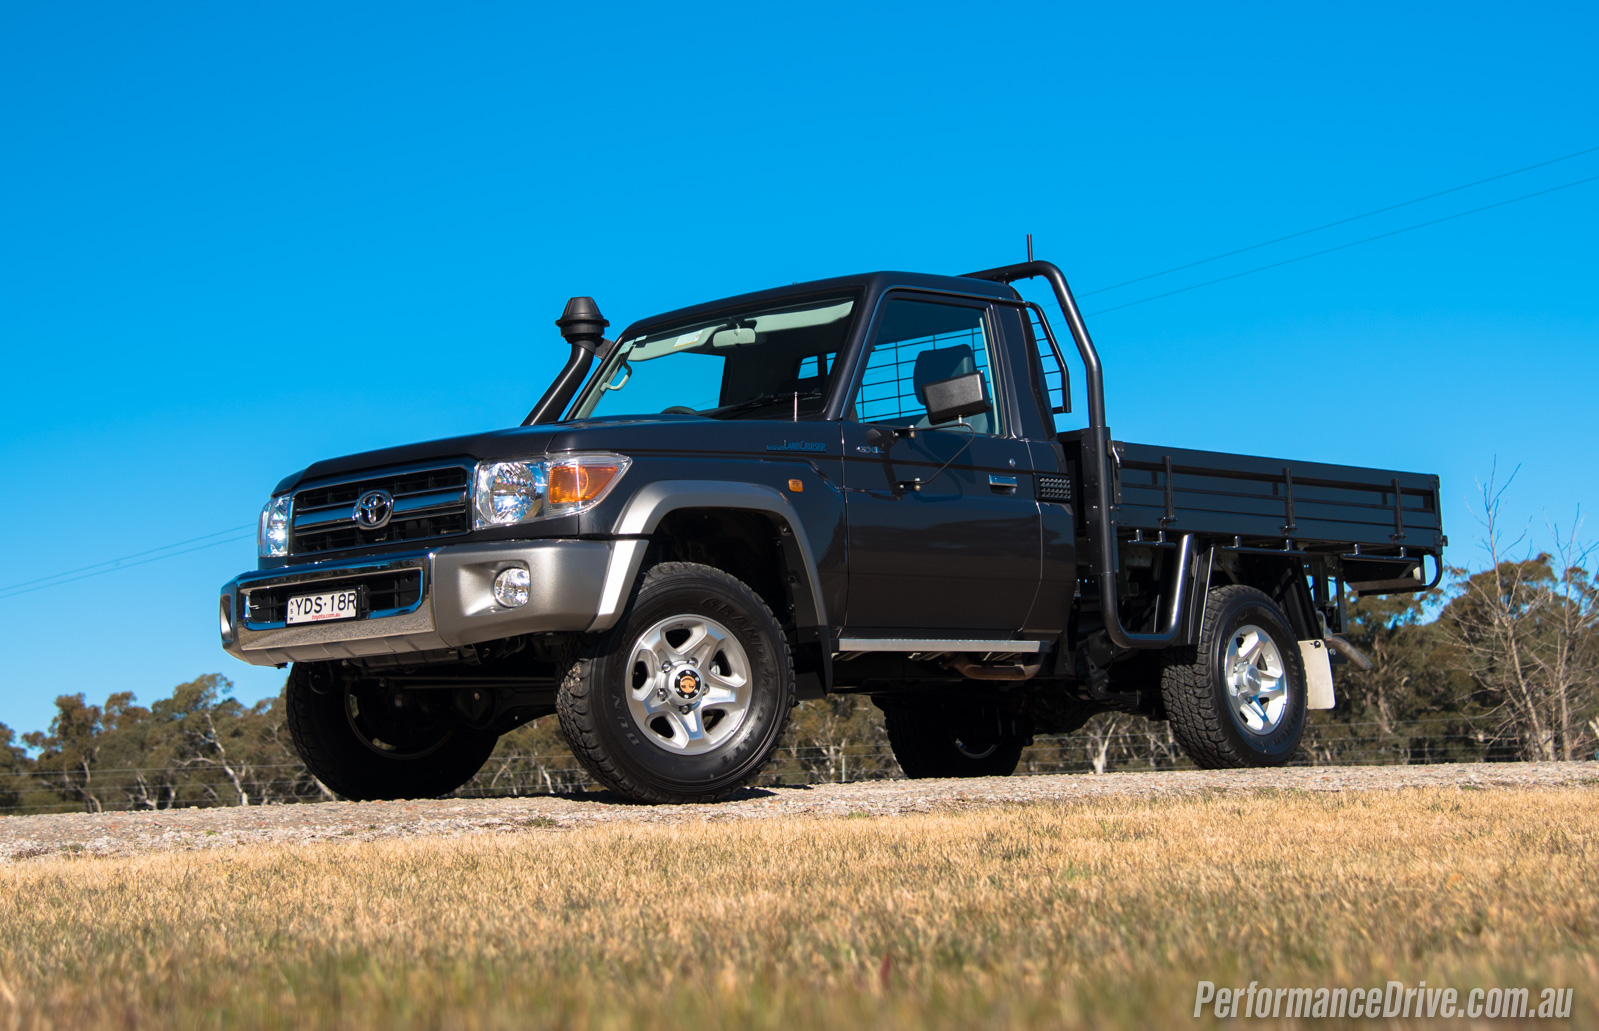 Landcruiser 70 series v8 diesel / Escape plan watch online